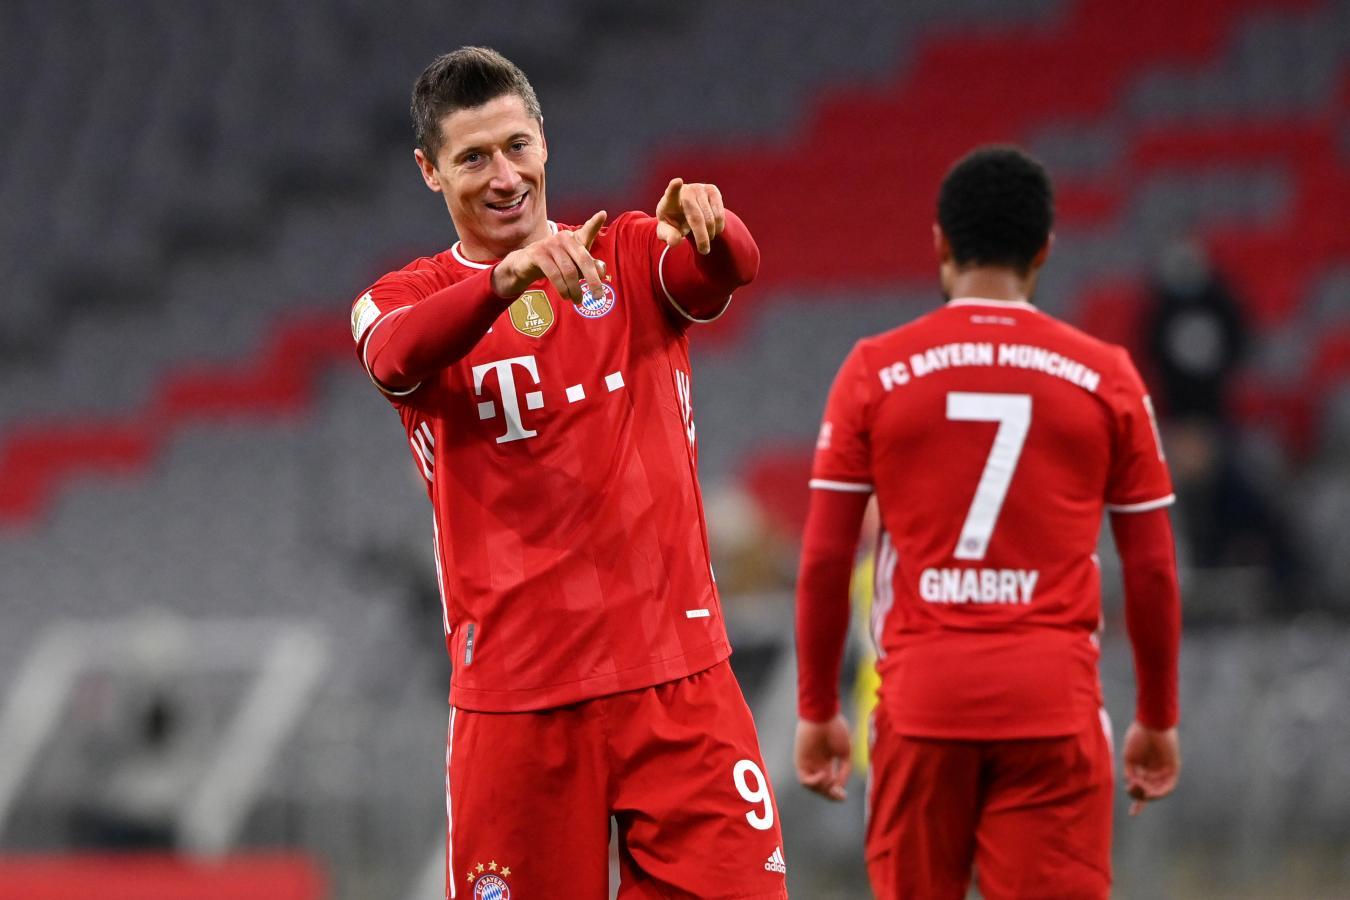 El Balón de Oro y otra jornada histórica. Llegó a los 31 goles en la Bundesliga con los 3 de hoy y su conjunto se mantiene en la cima.